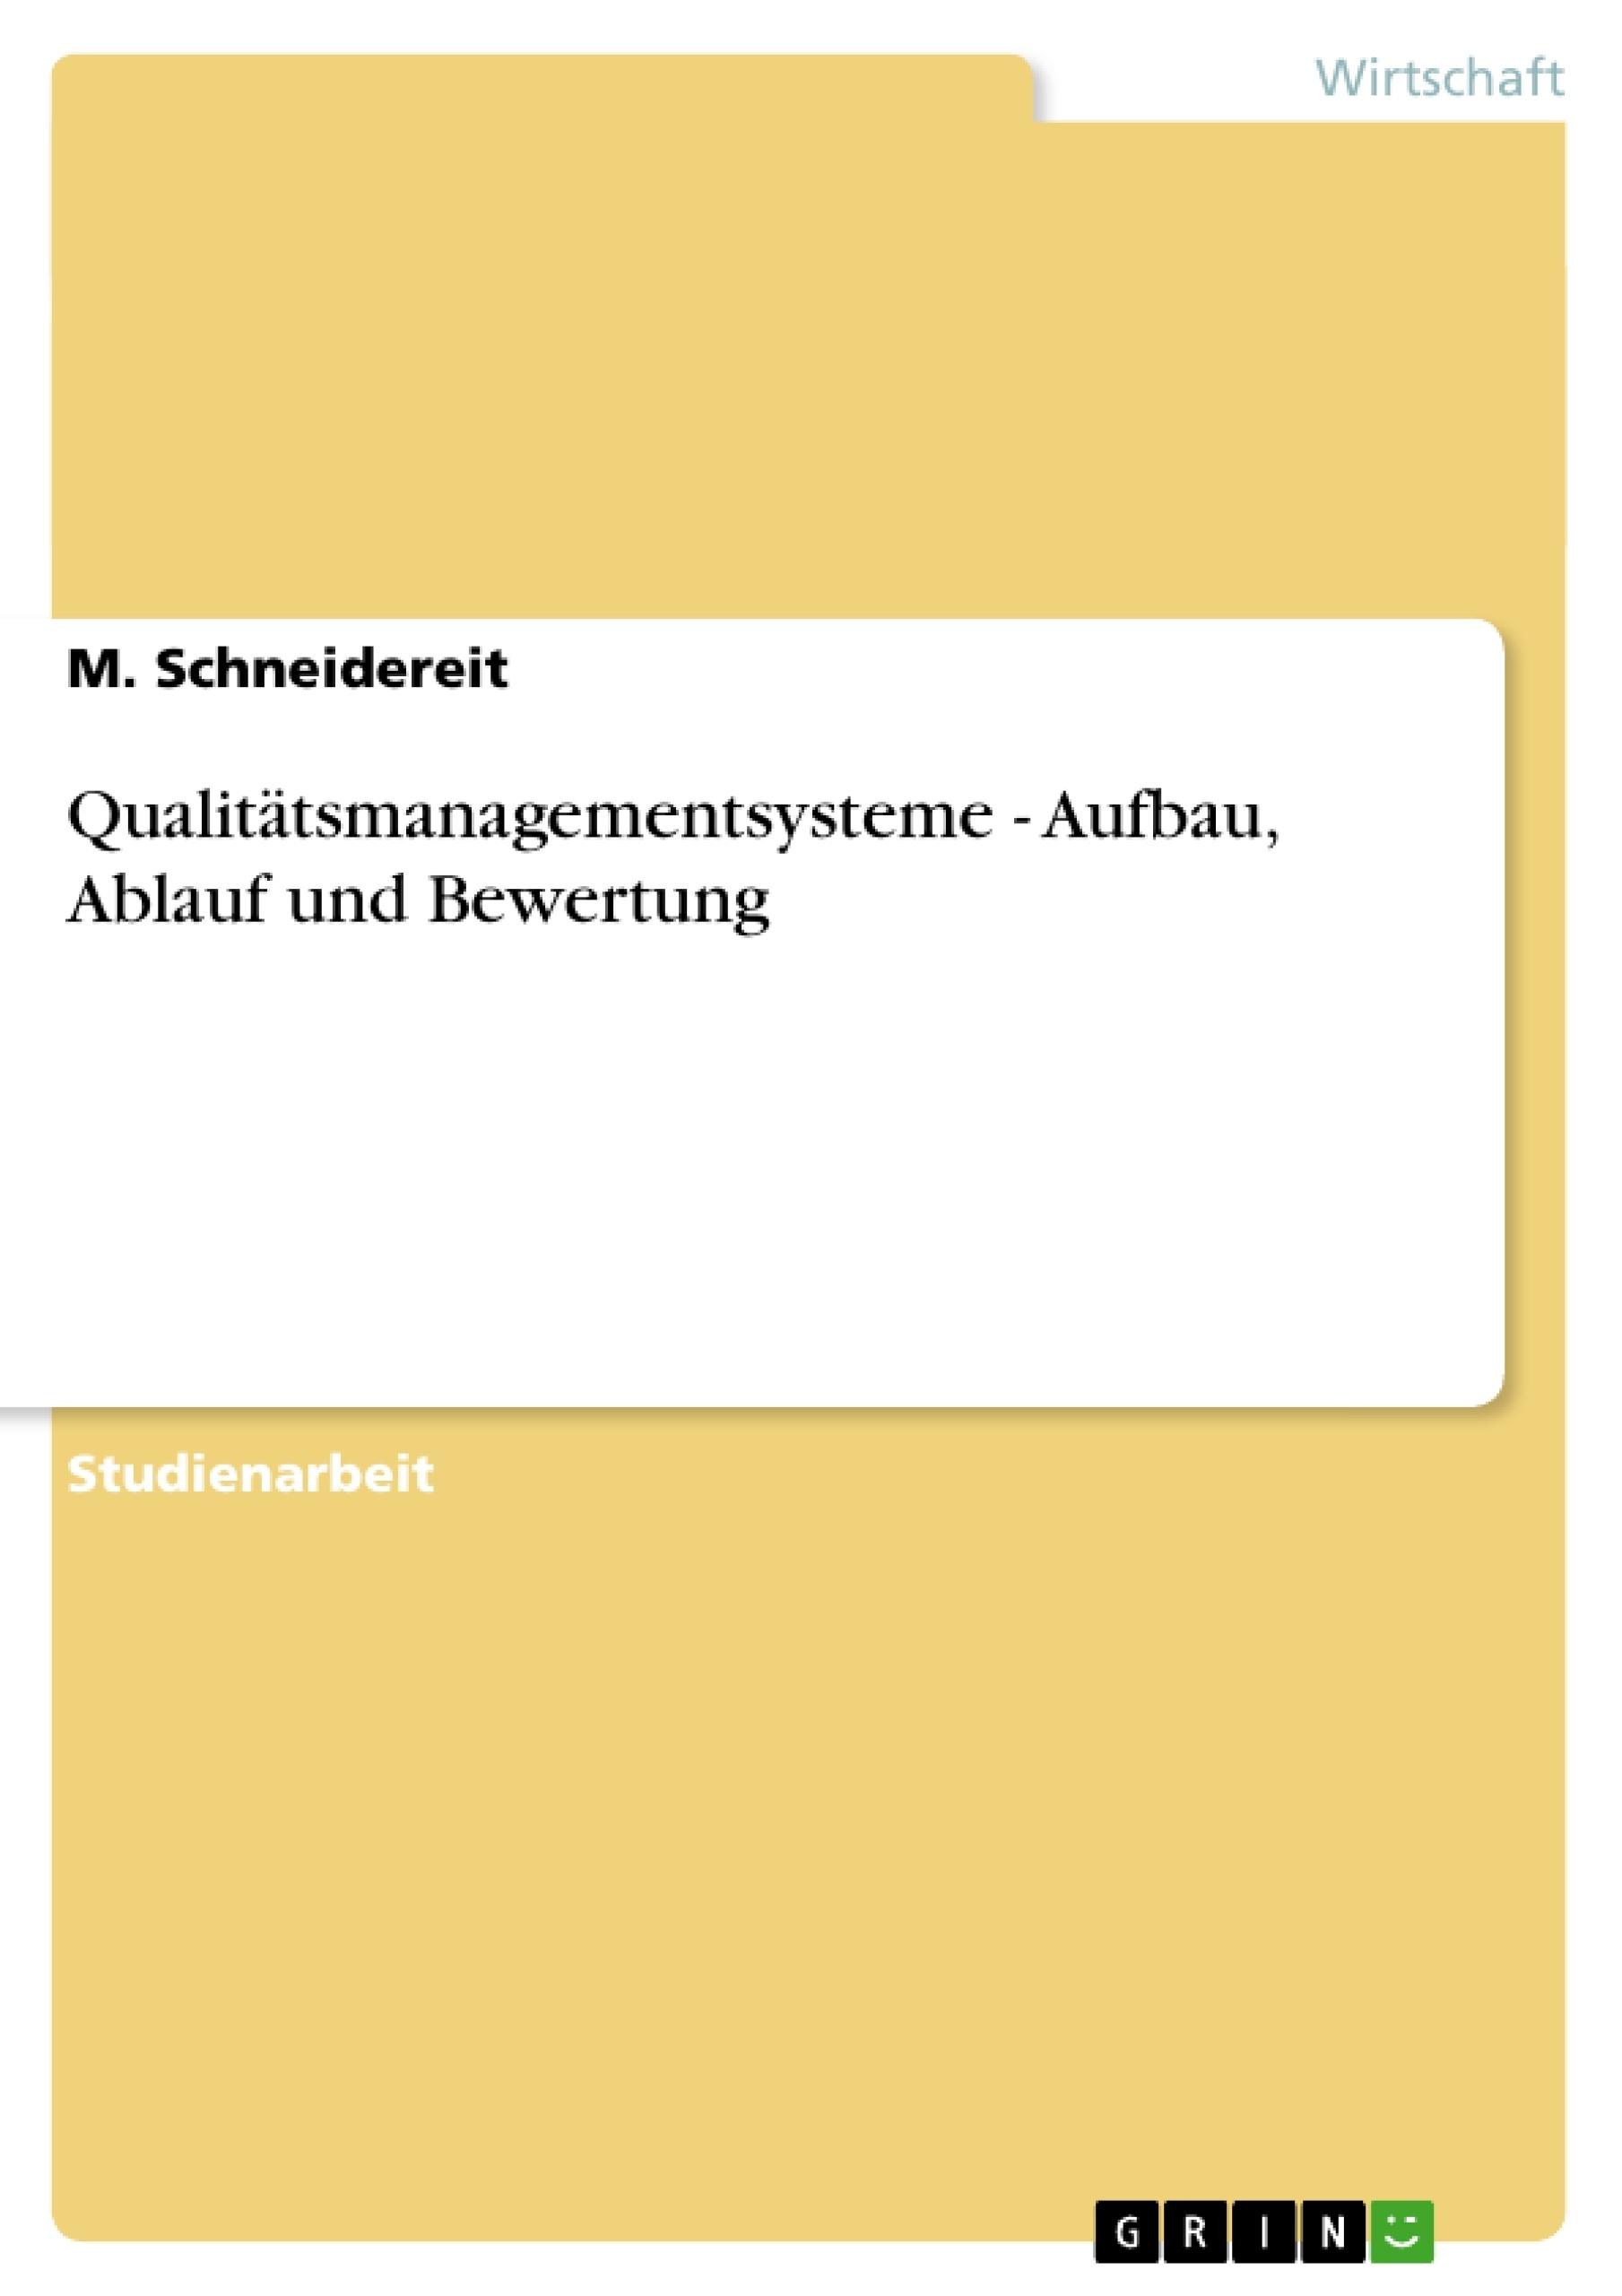 Titel: Qualitätsmanagementsysteme - Aufbau, Ablauf und Bewertung